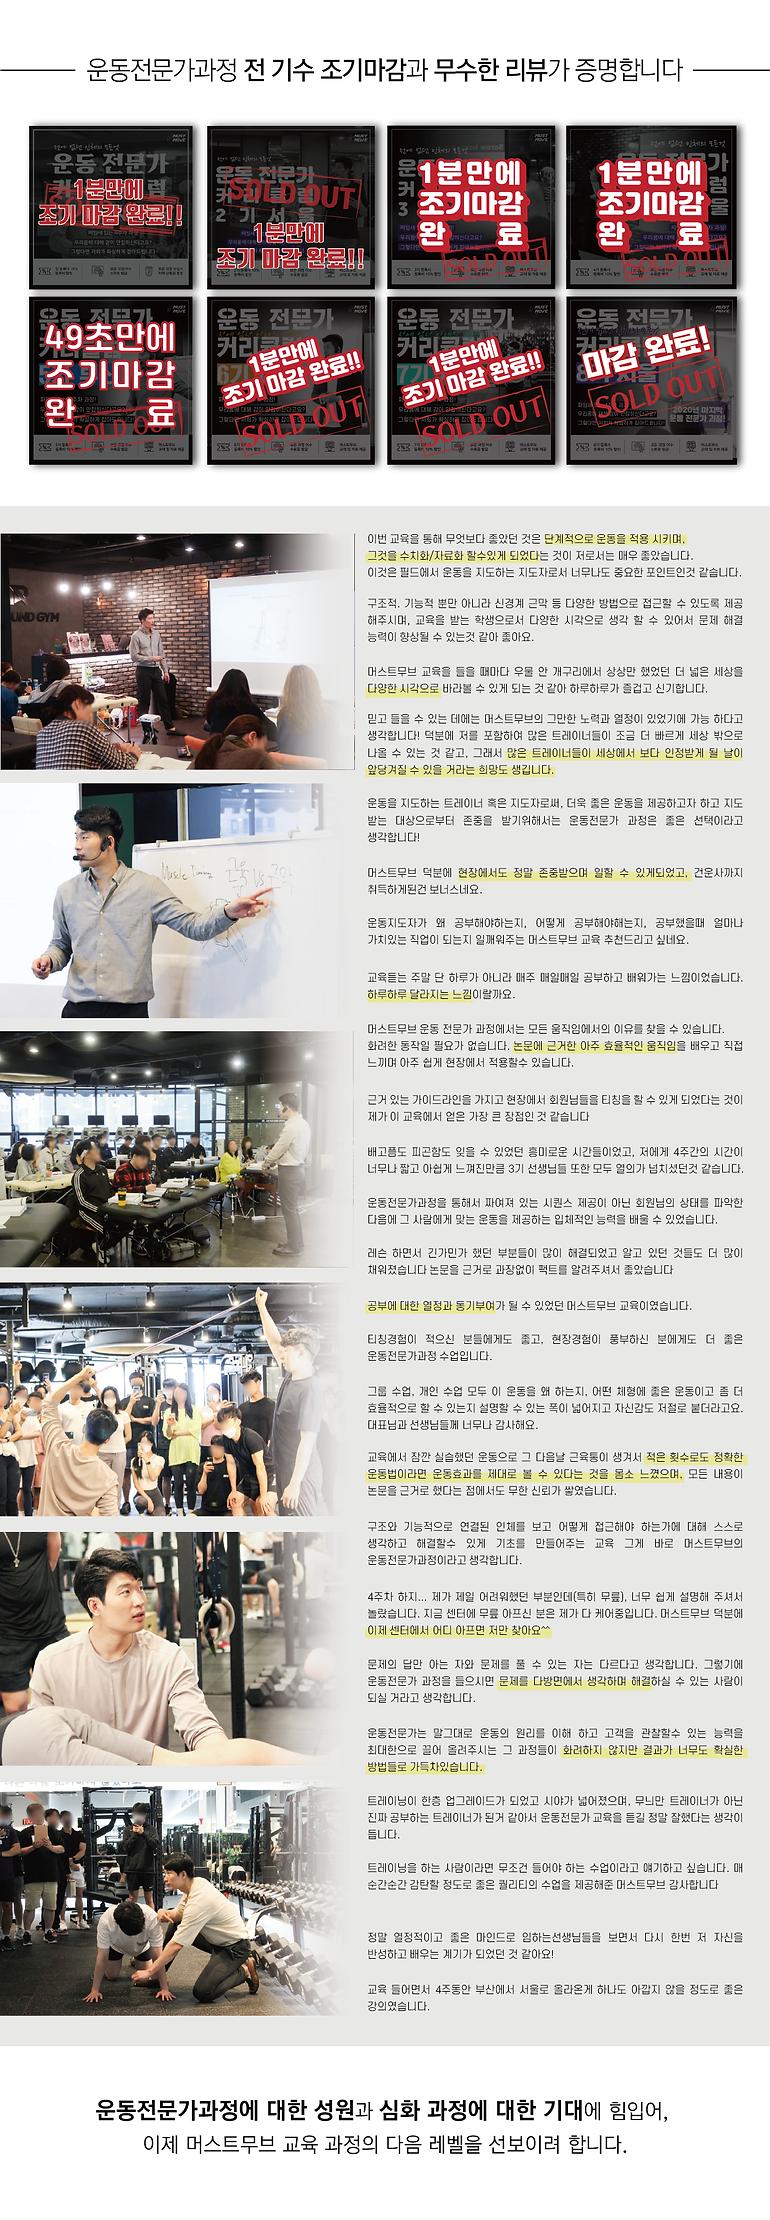 201105 보행전문가과정 커리큘럼-02.png